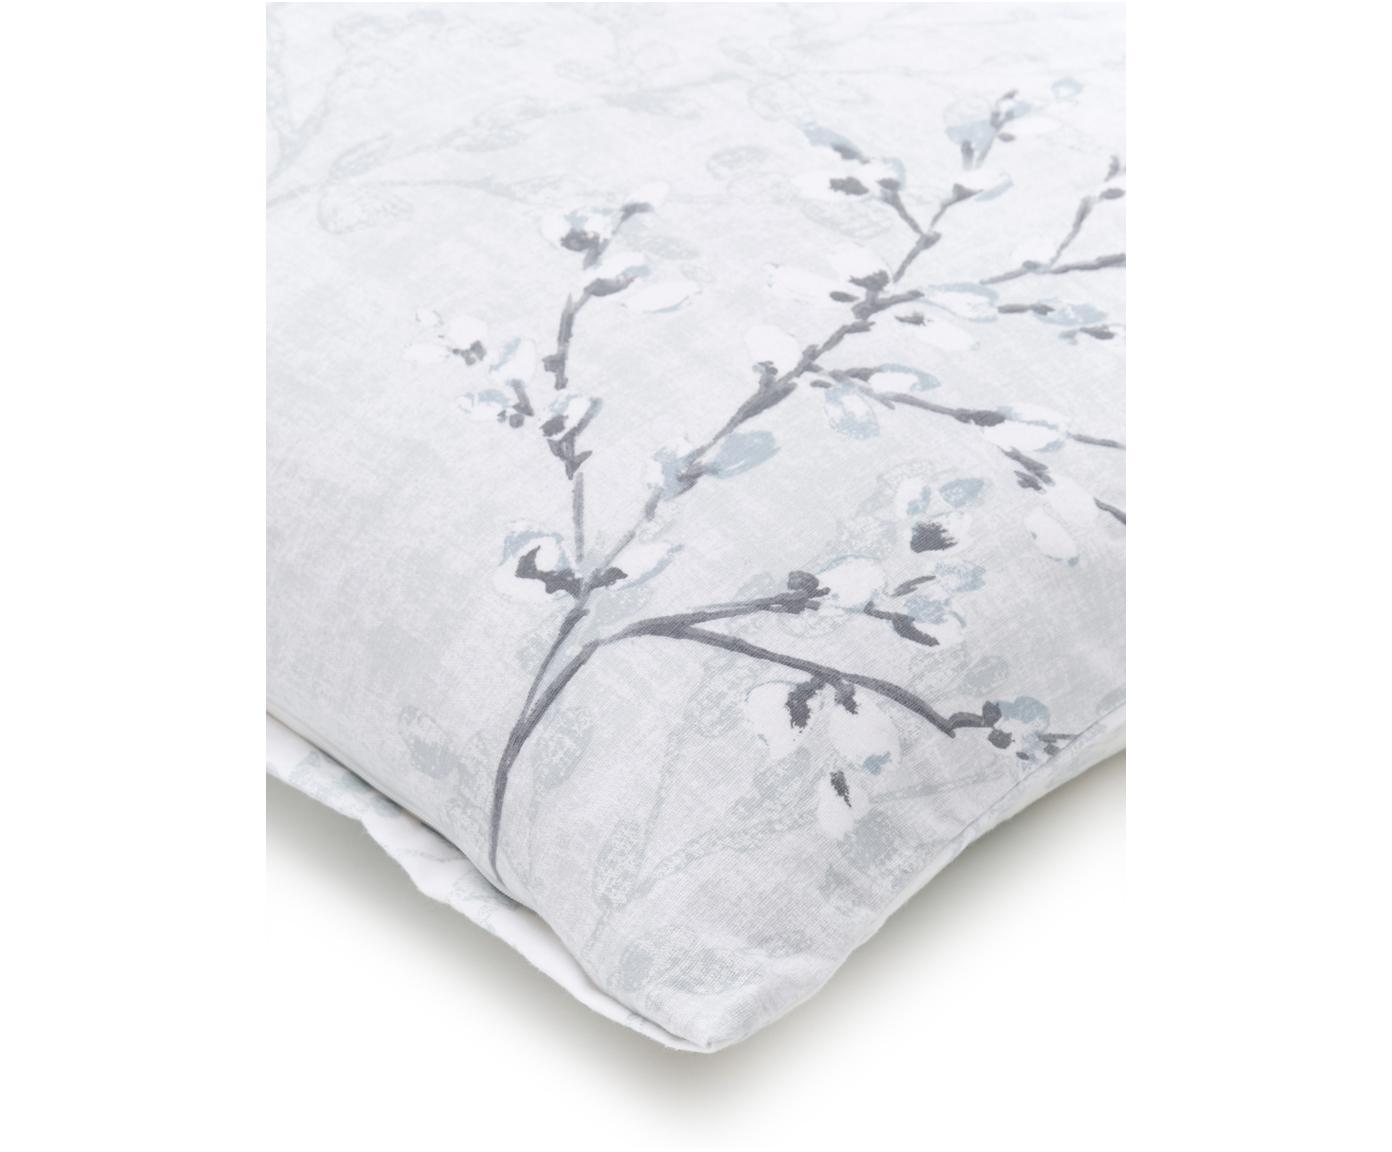 Biber-Wendebettwäsche Deluxe mit Blätter-/Zweigmotiven, Webart: Biber Biber wird aus eine, Hellblau, 135 x 200 cm + 1 Kissen 80 x 80 cm